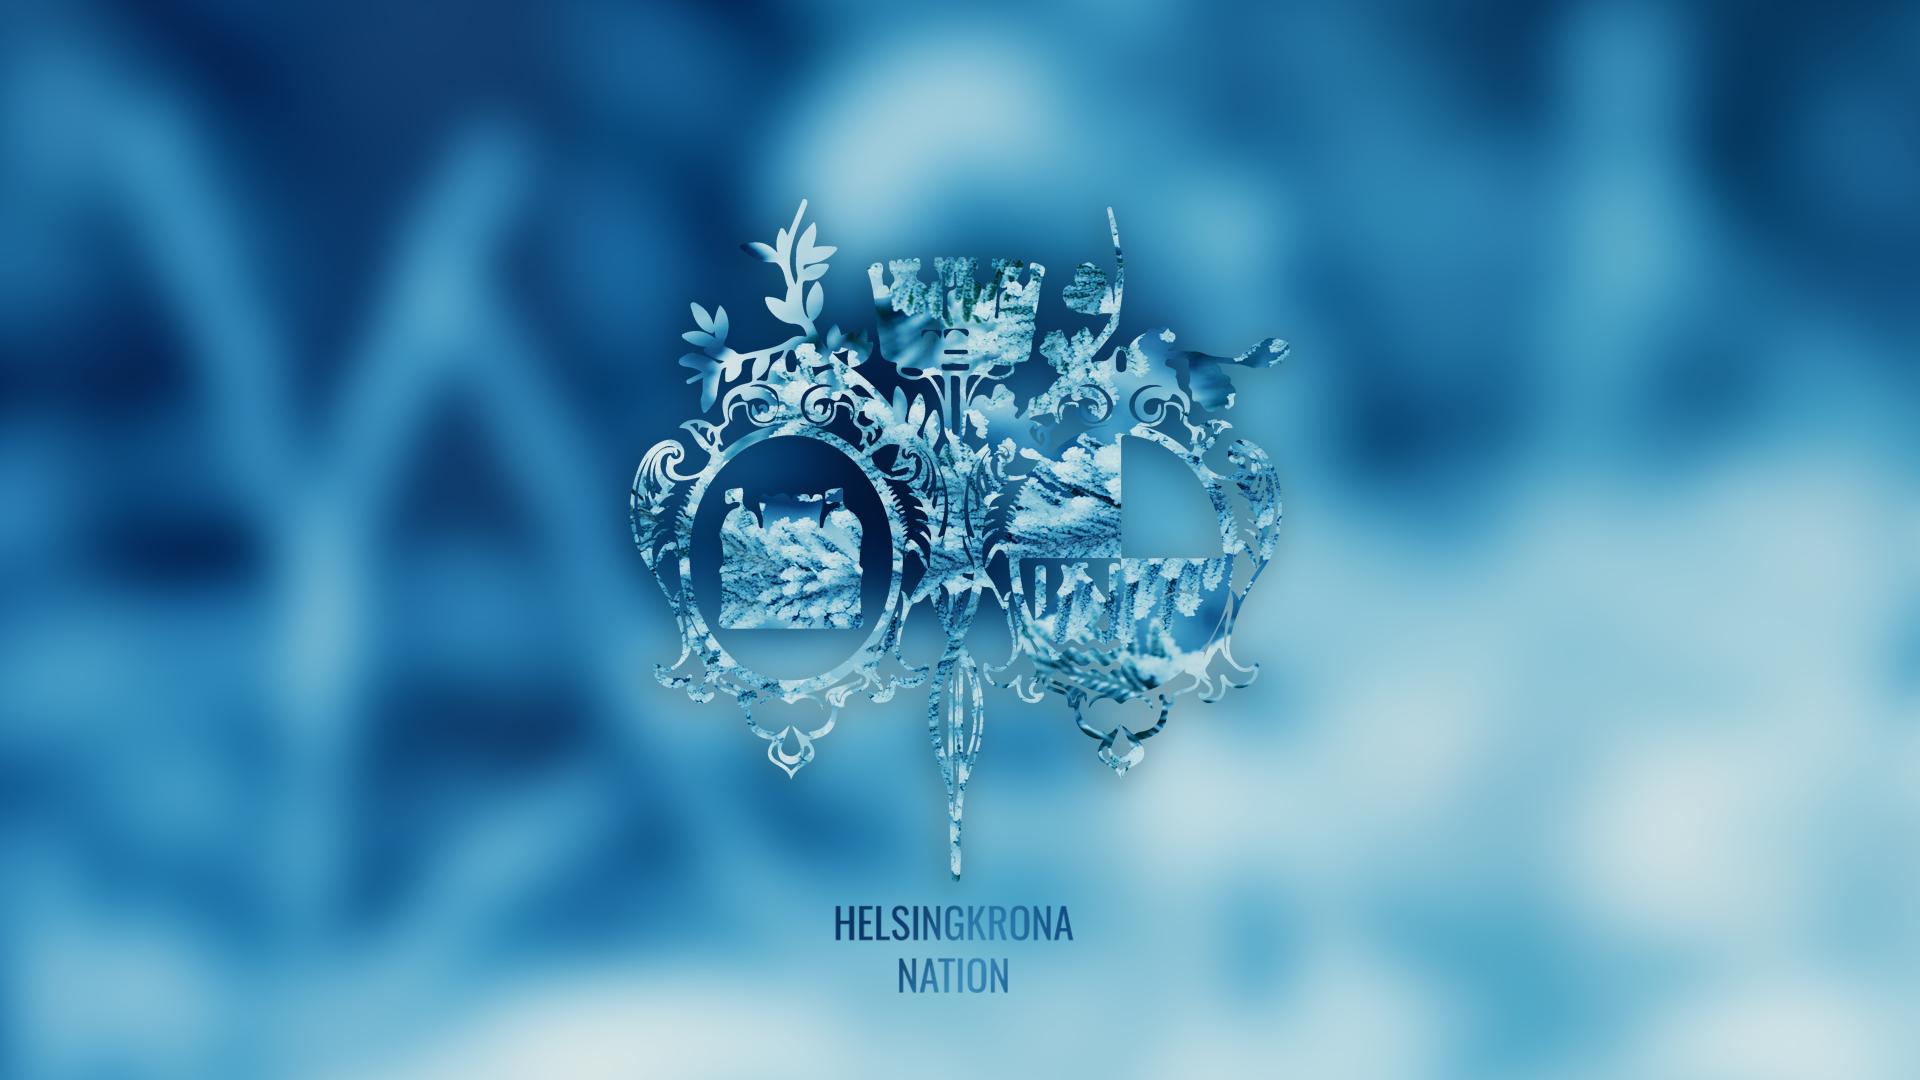 Helsingkrona Nation - Winter Edition